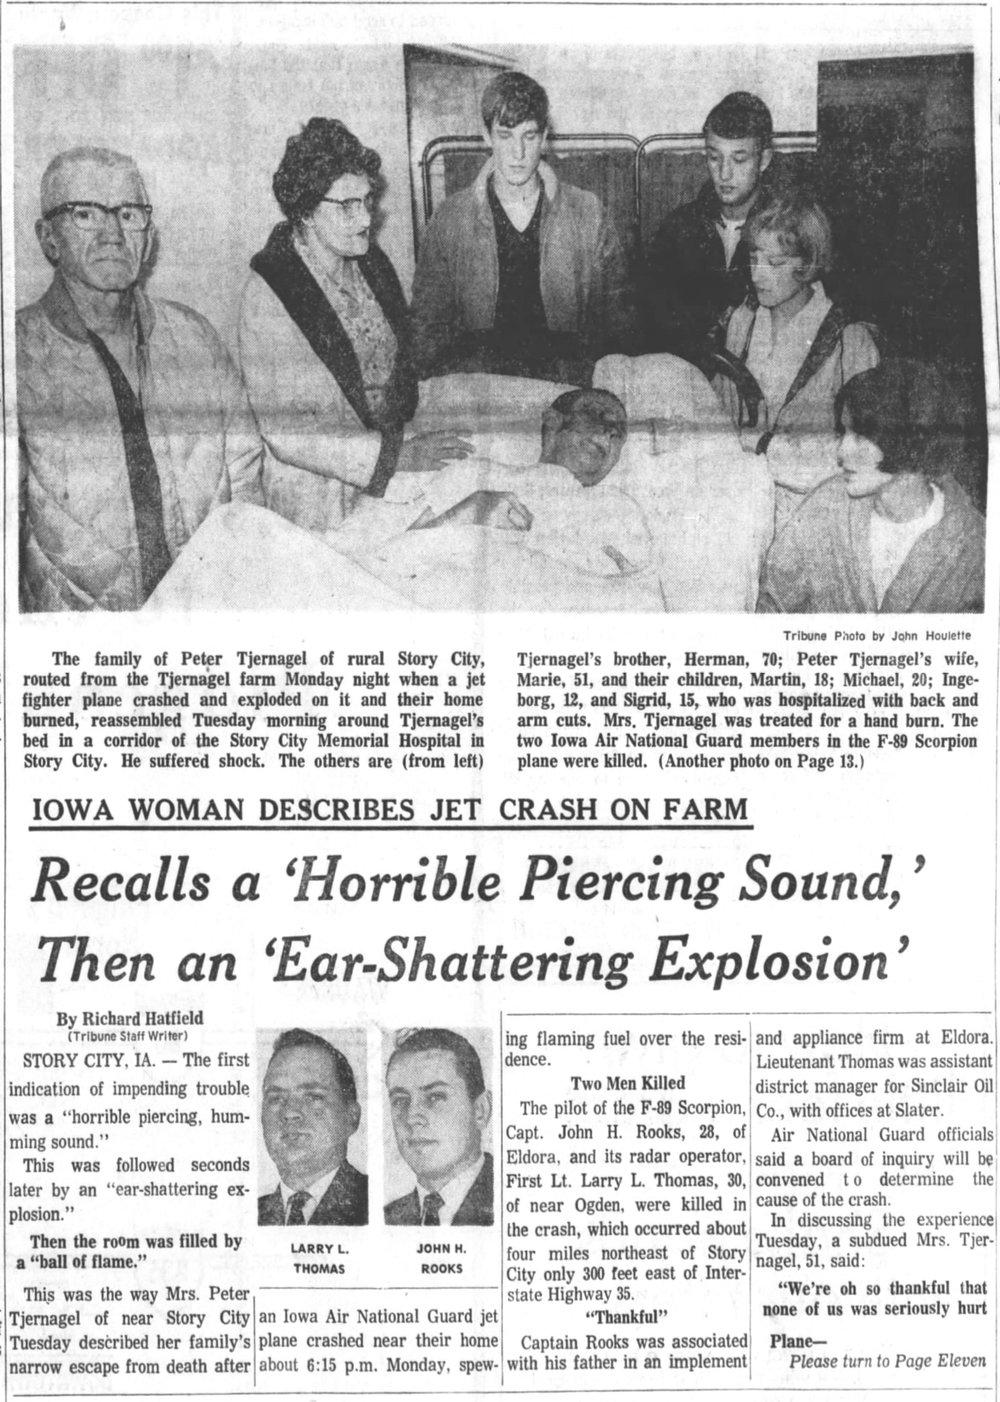 Des-Moines-Tribune-12-10-68-p1.jpg